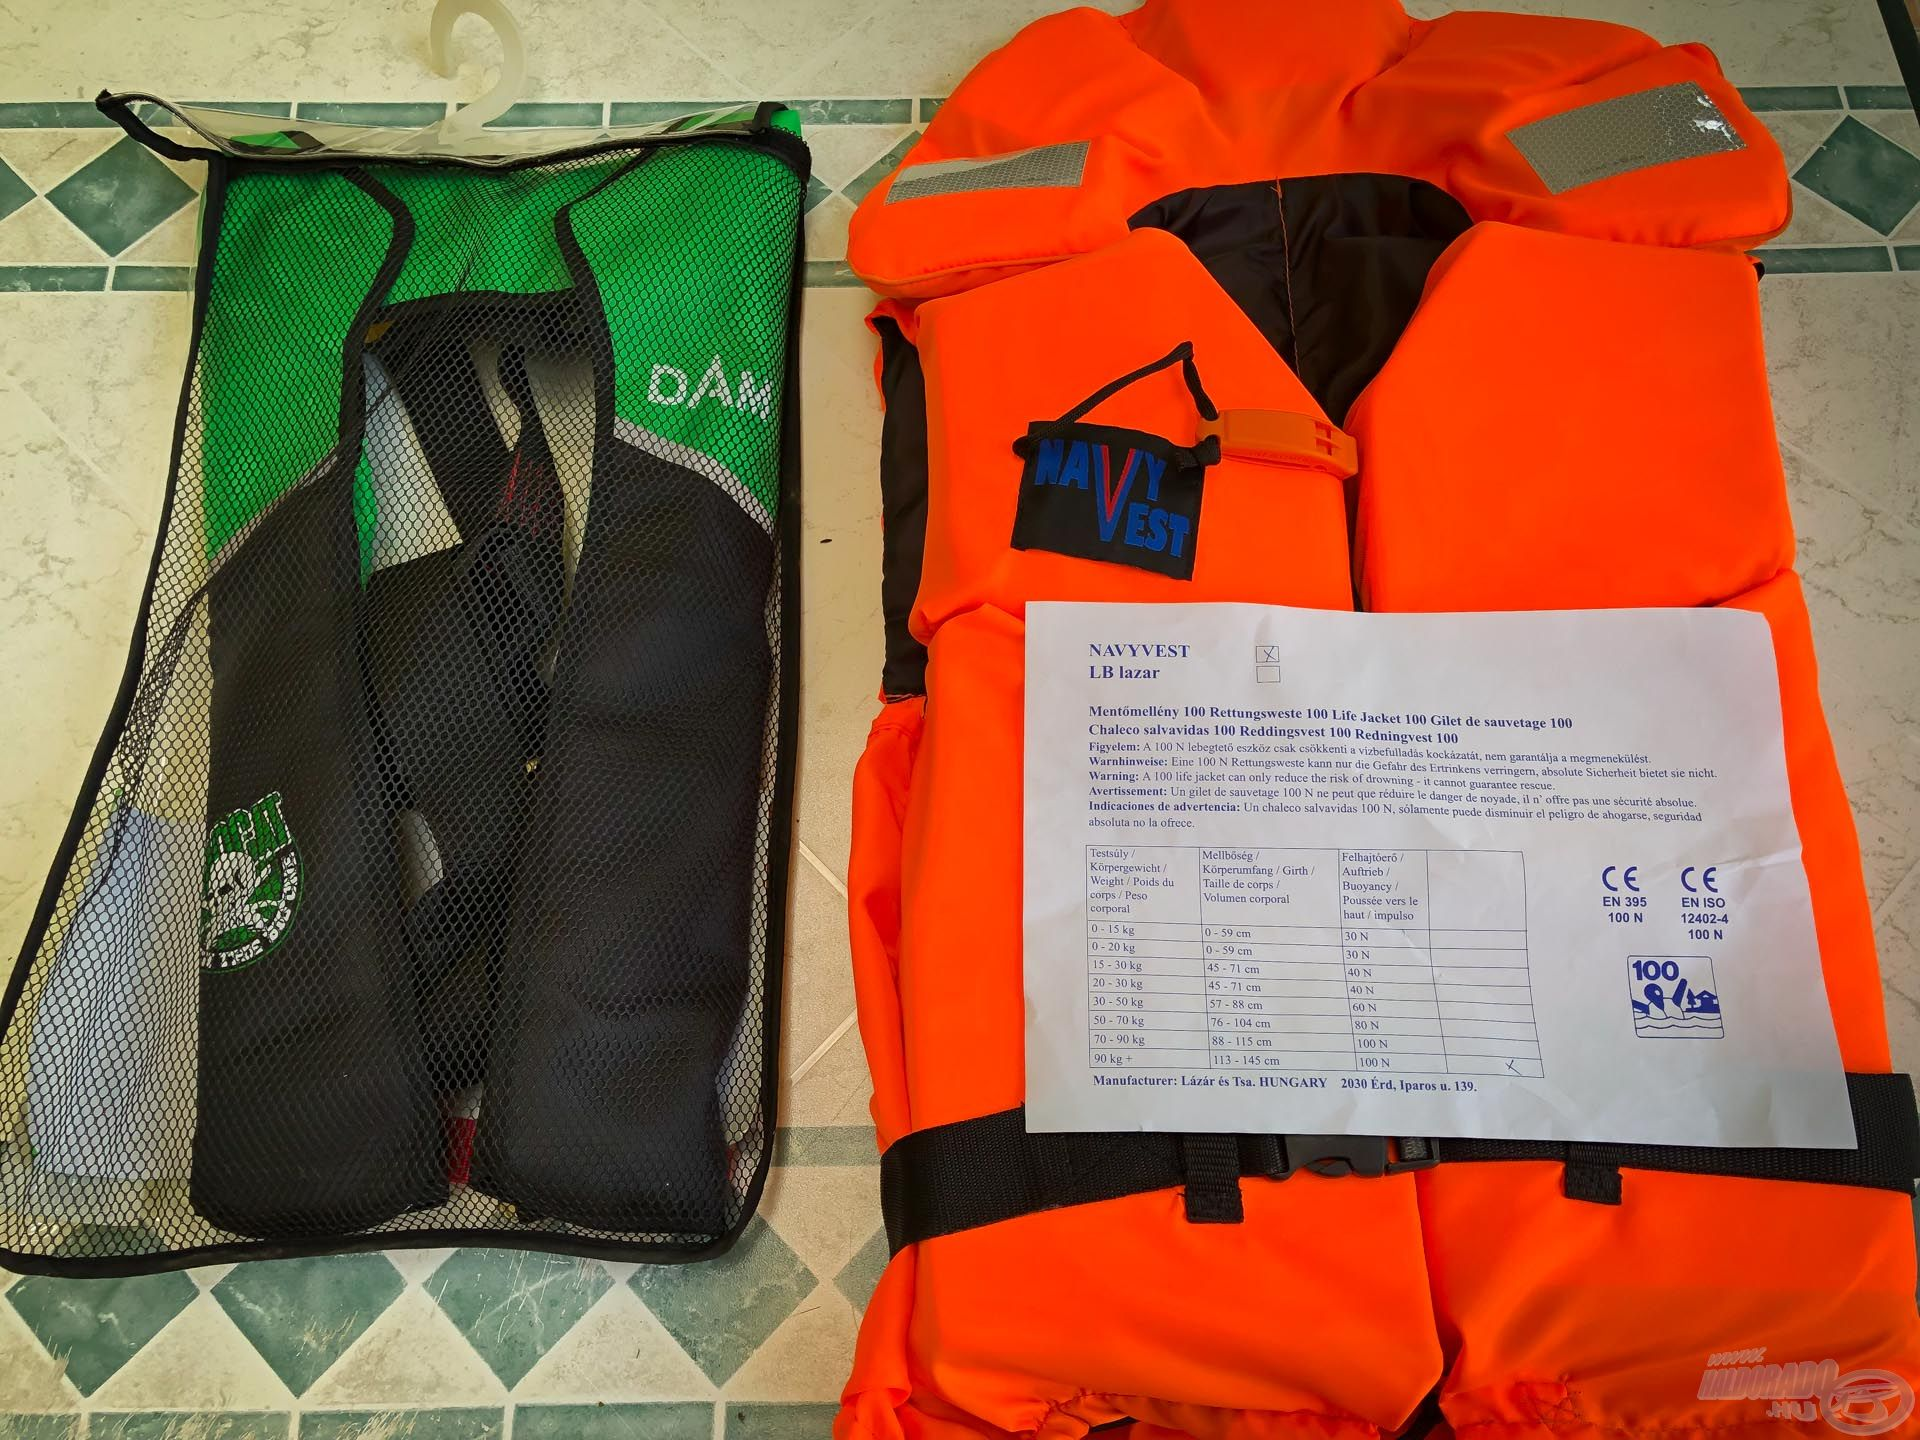 Ezek a felszerelések vártak próbára: LB mentőmellény, Mad Cat biztonsági mentőmellény